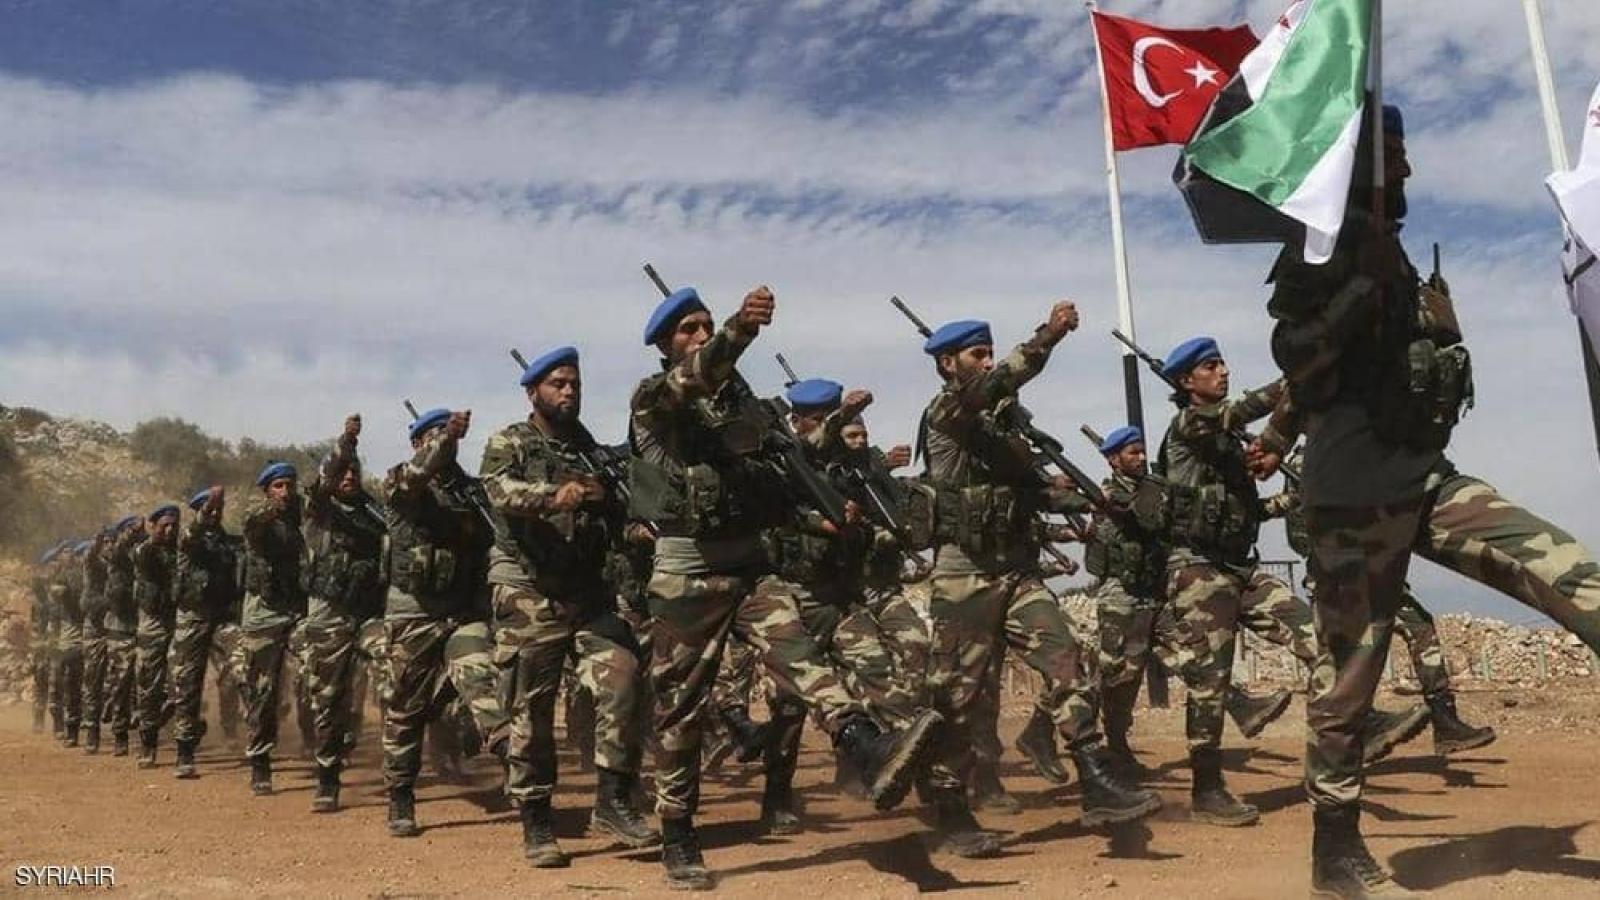 Lính đánh thuê ở Libya như quả bom hẹn giờ đe dọa châu Phi